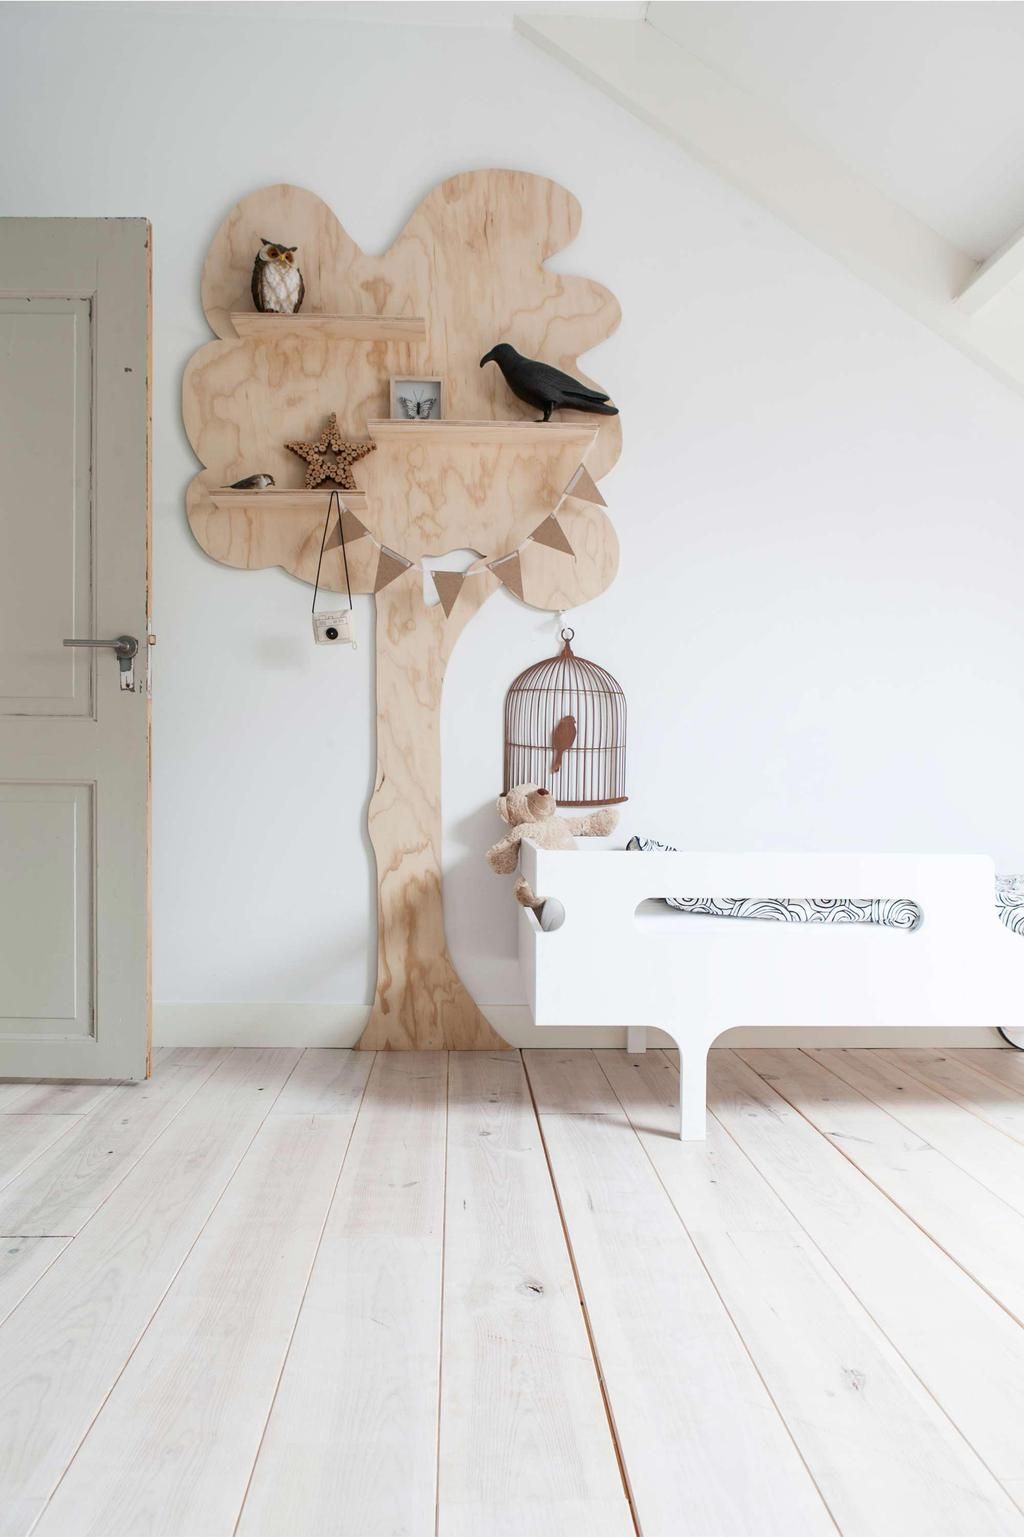 Kinderkamer met boom